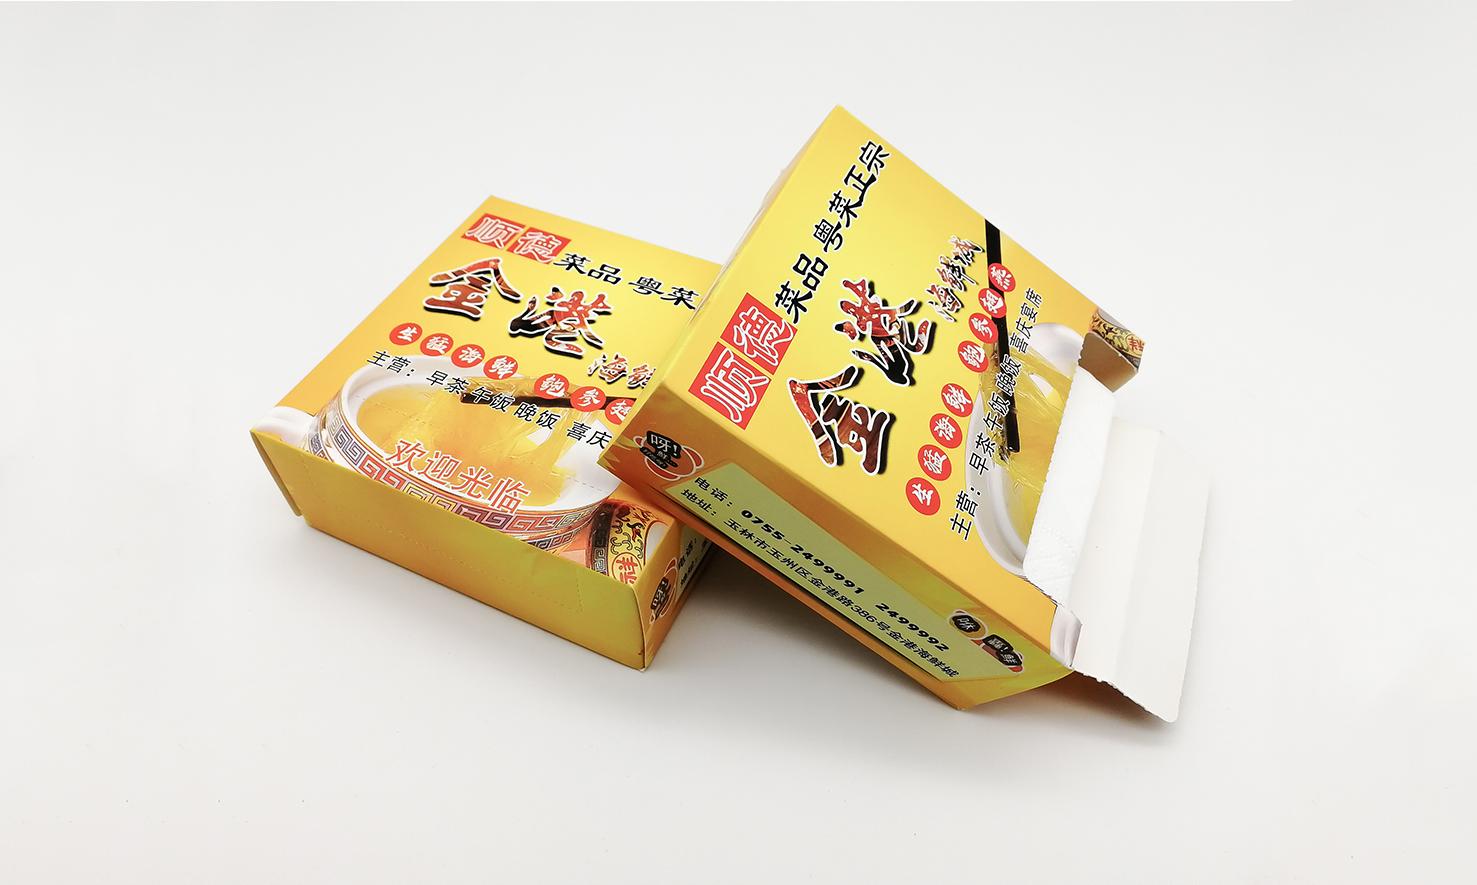 金港海鲜城广告纸巾定制